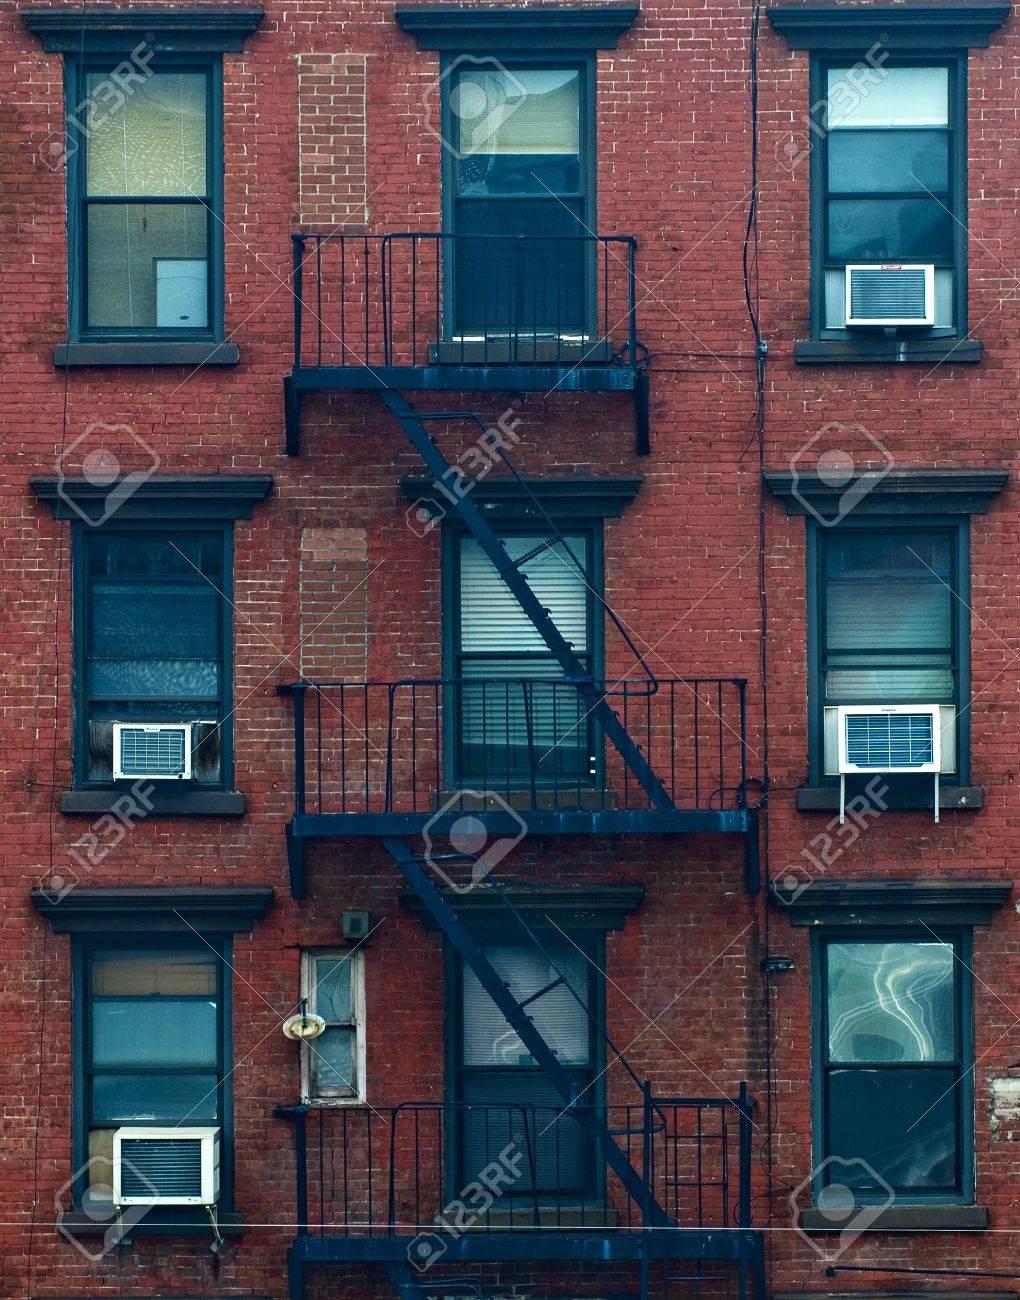 Apartment Building Fire Escape Ladder a fire escape of an apartment building in new york city stock